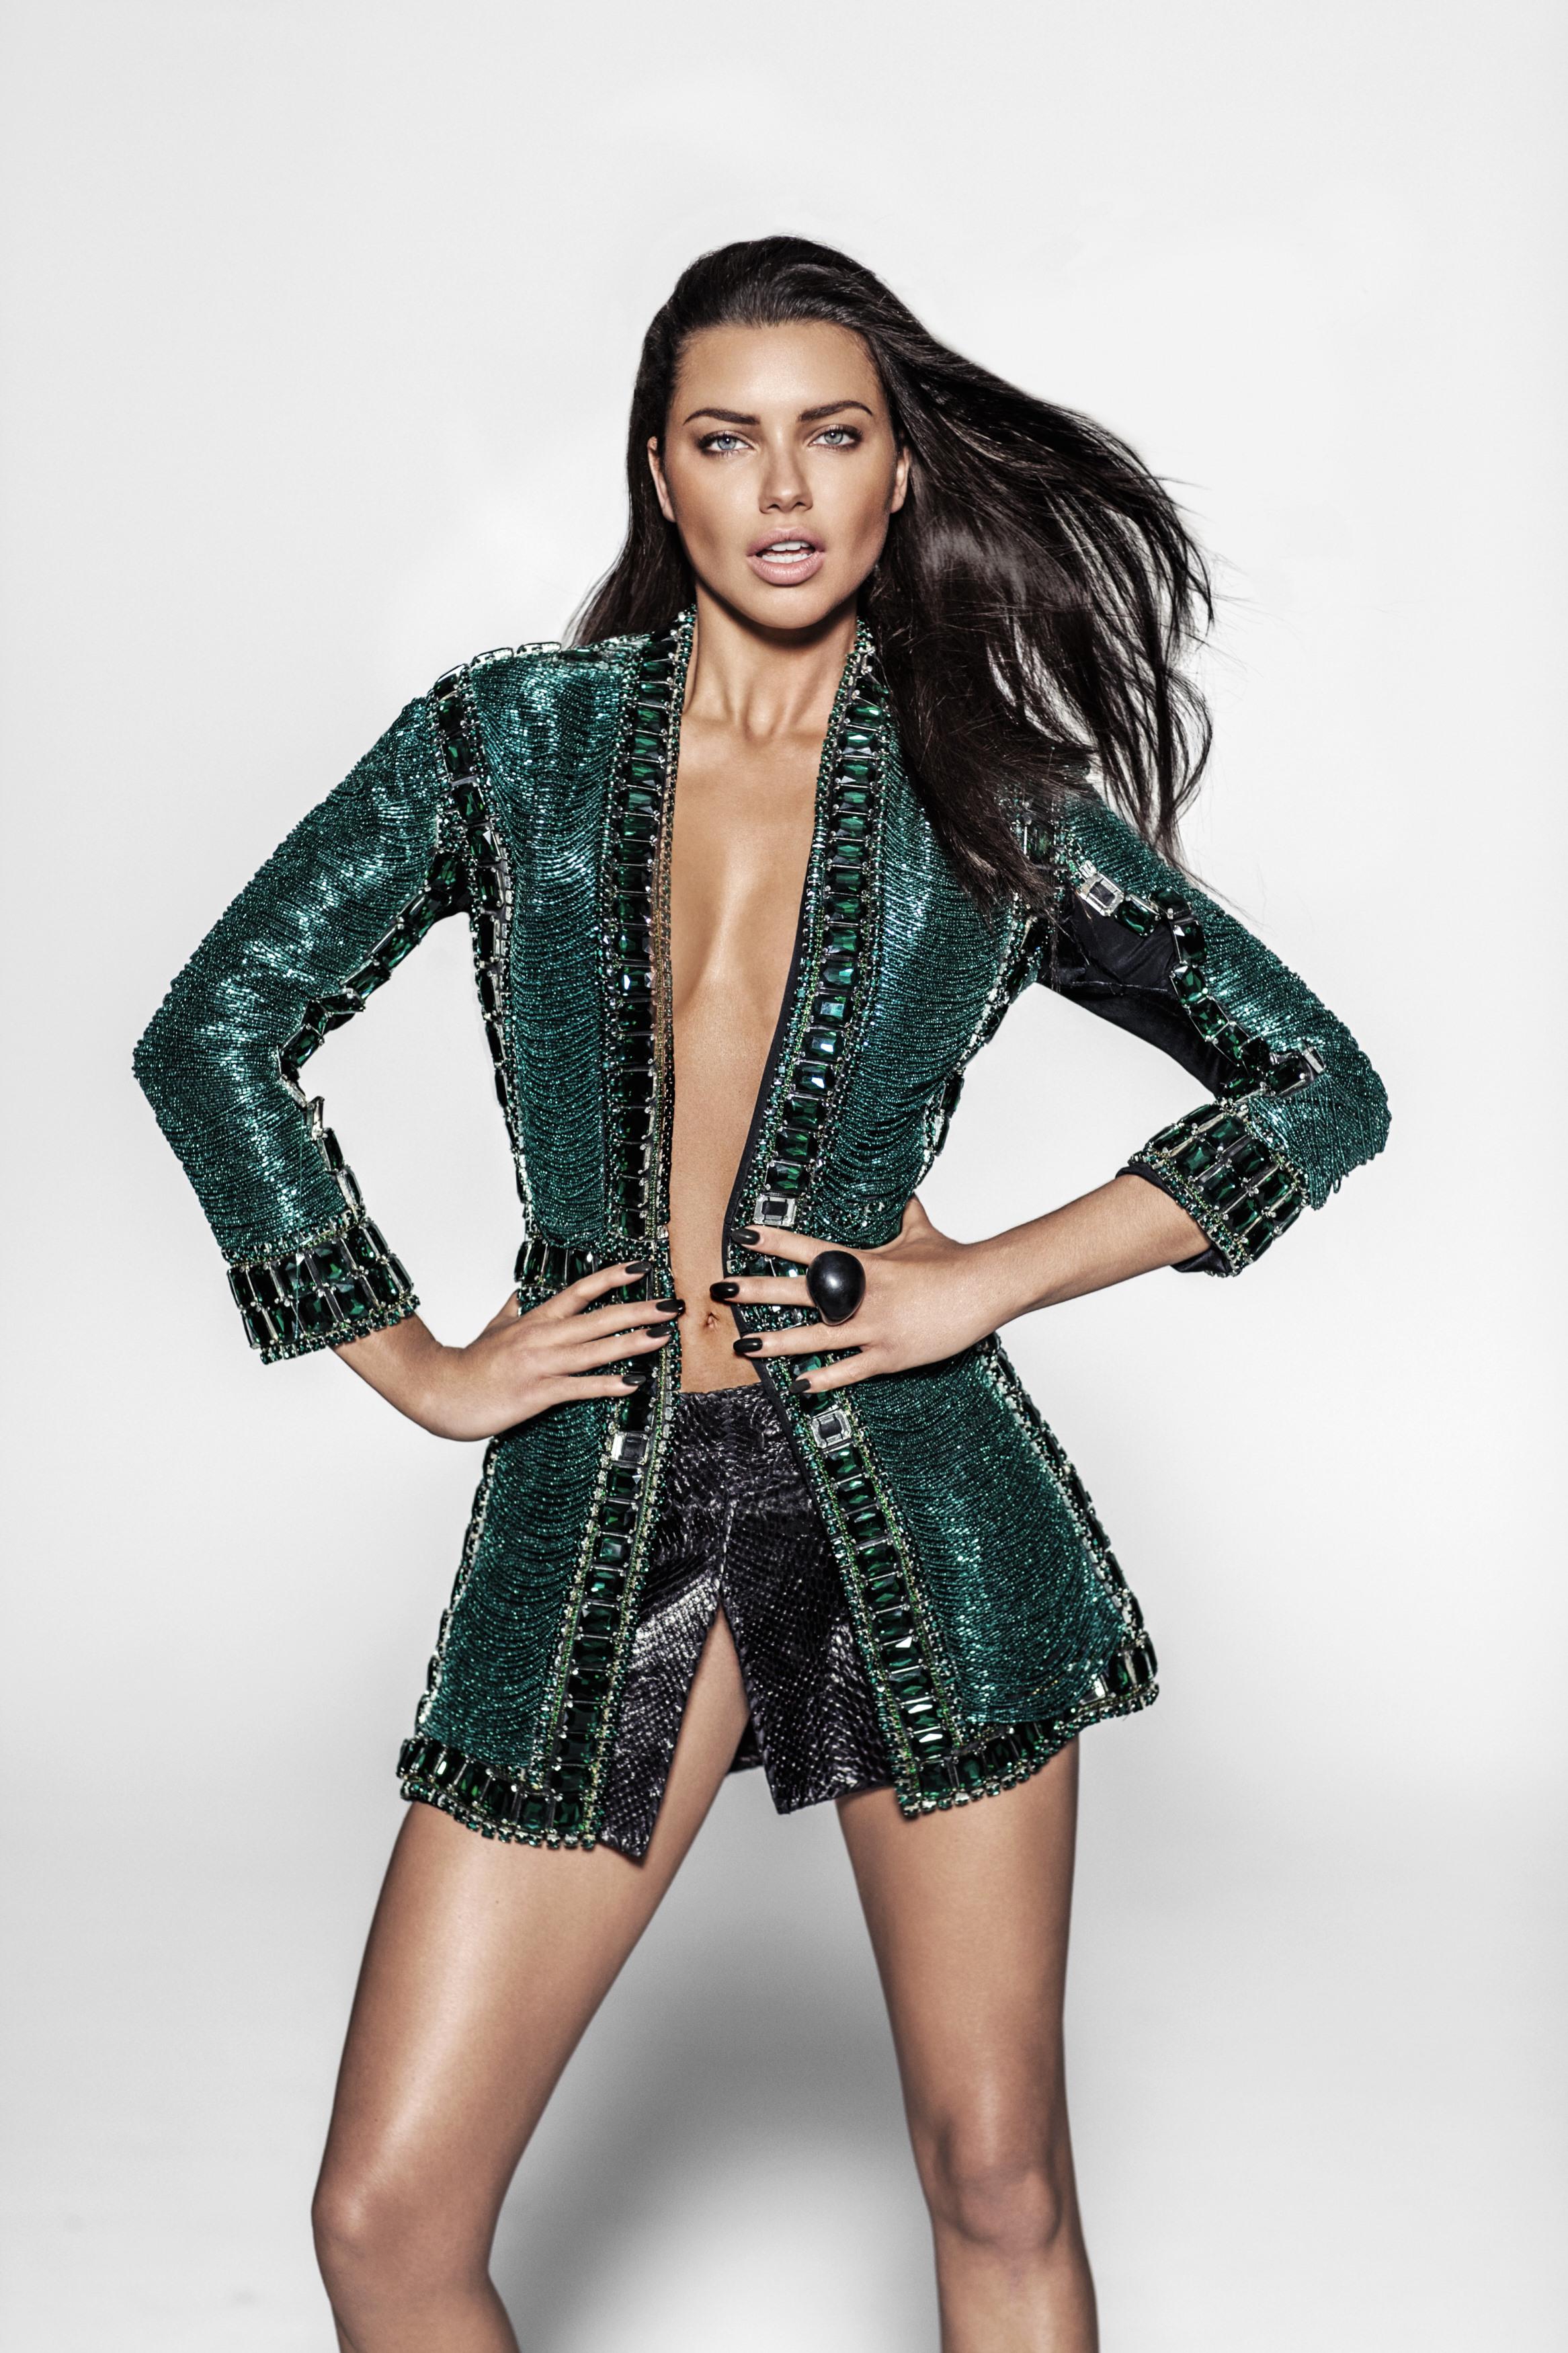 06_Vogue_Mexico_Adriana_322_196clr_v4.jpg